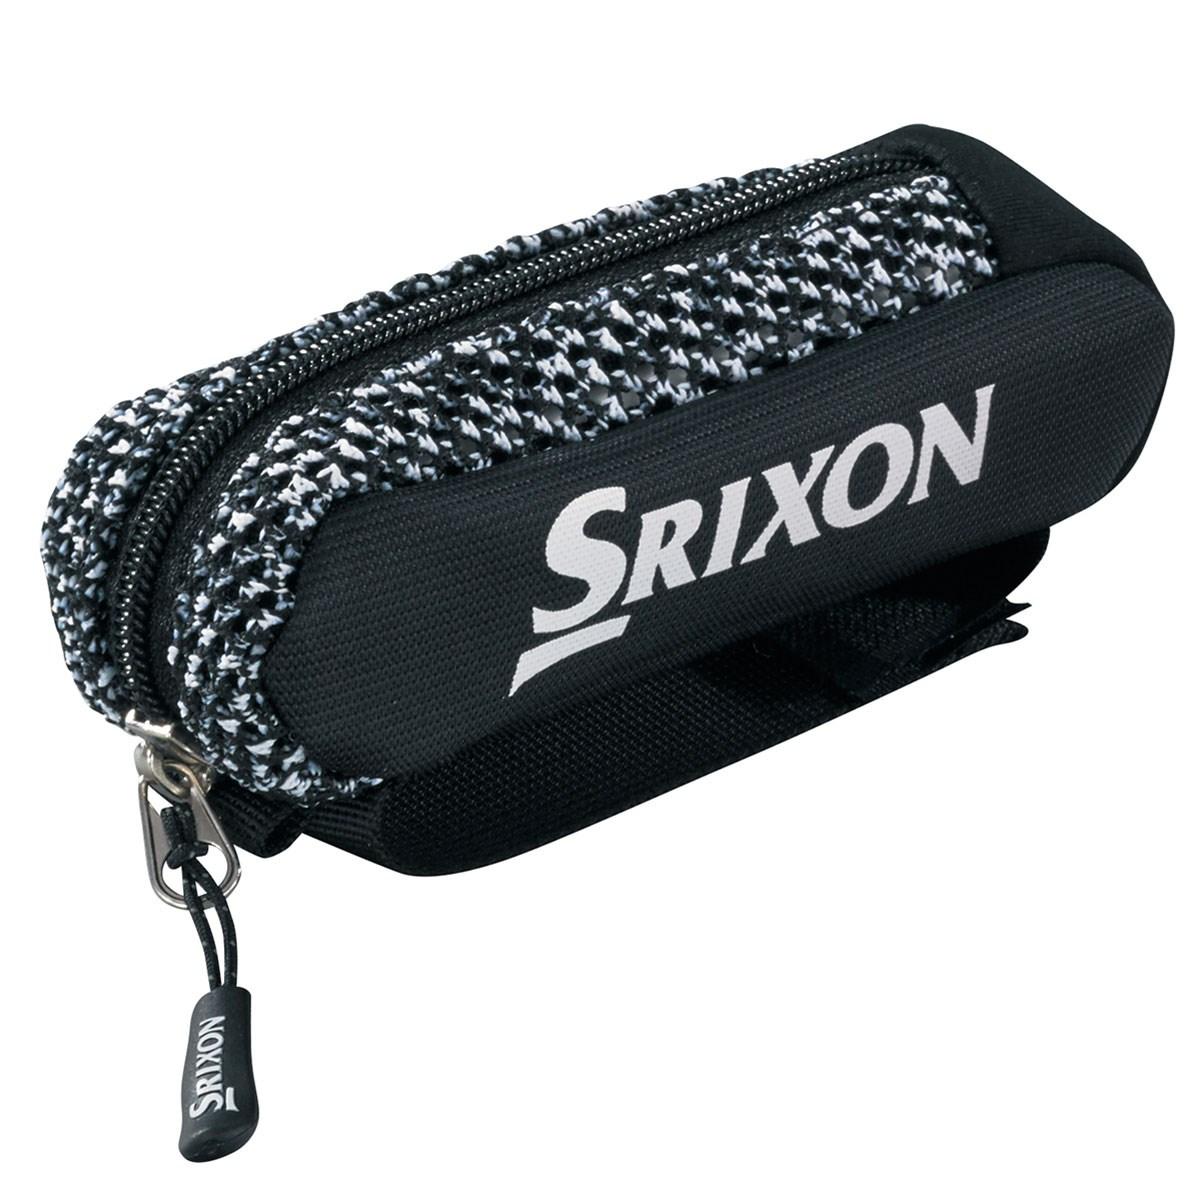 ダンロップ SRIXON ボールポーチ ブラック